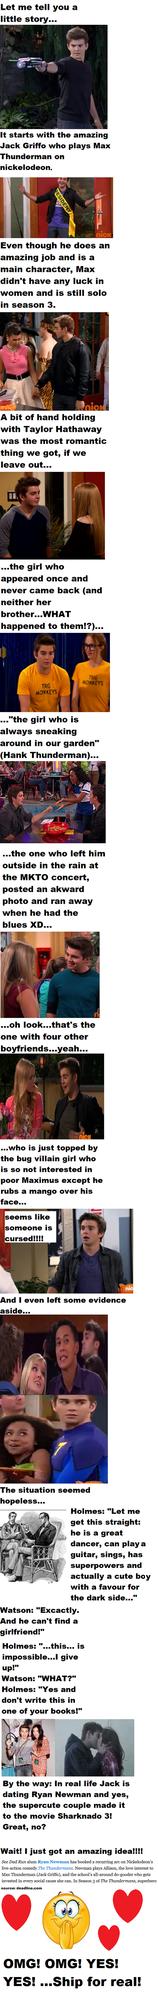 BIG NEWS! Max's girlfriend...=)